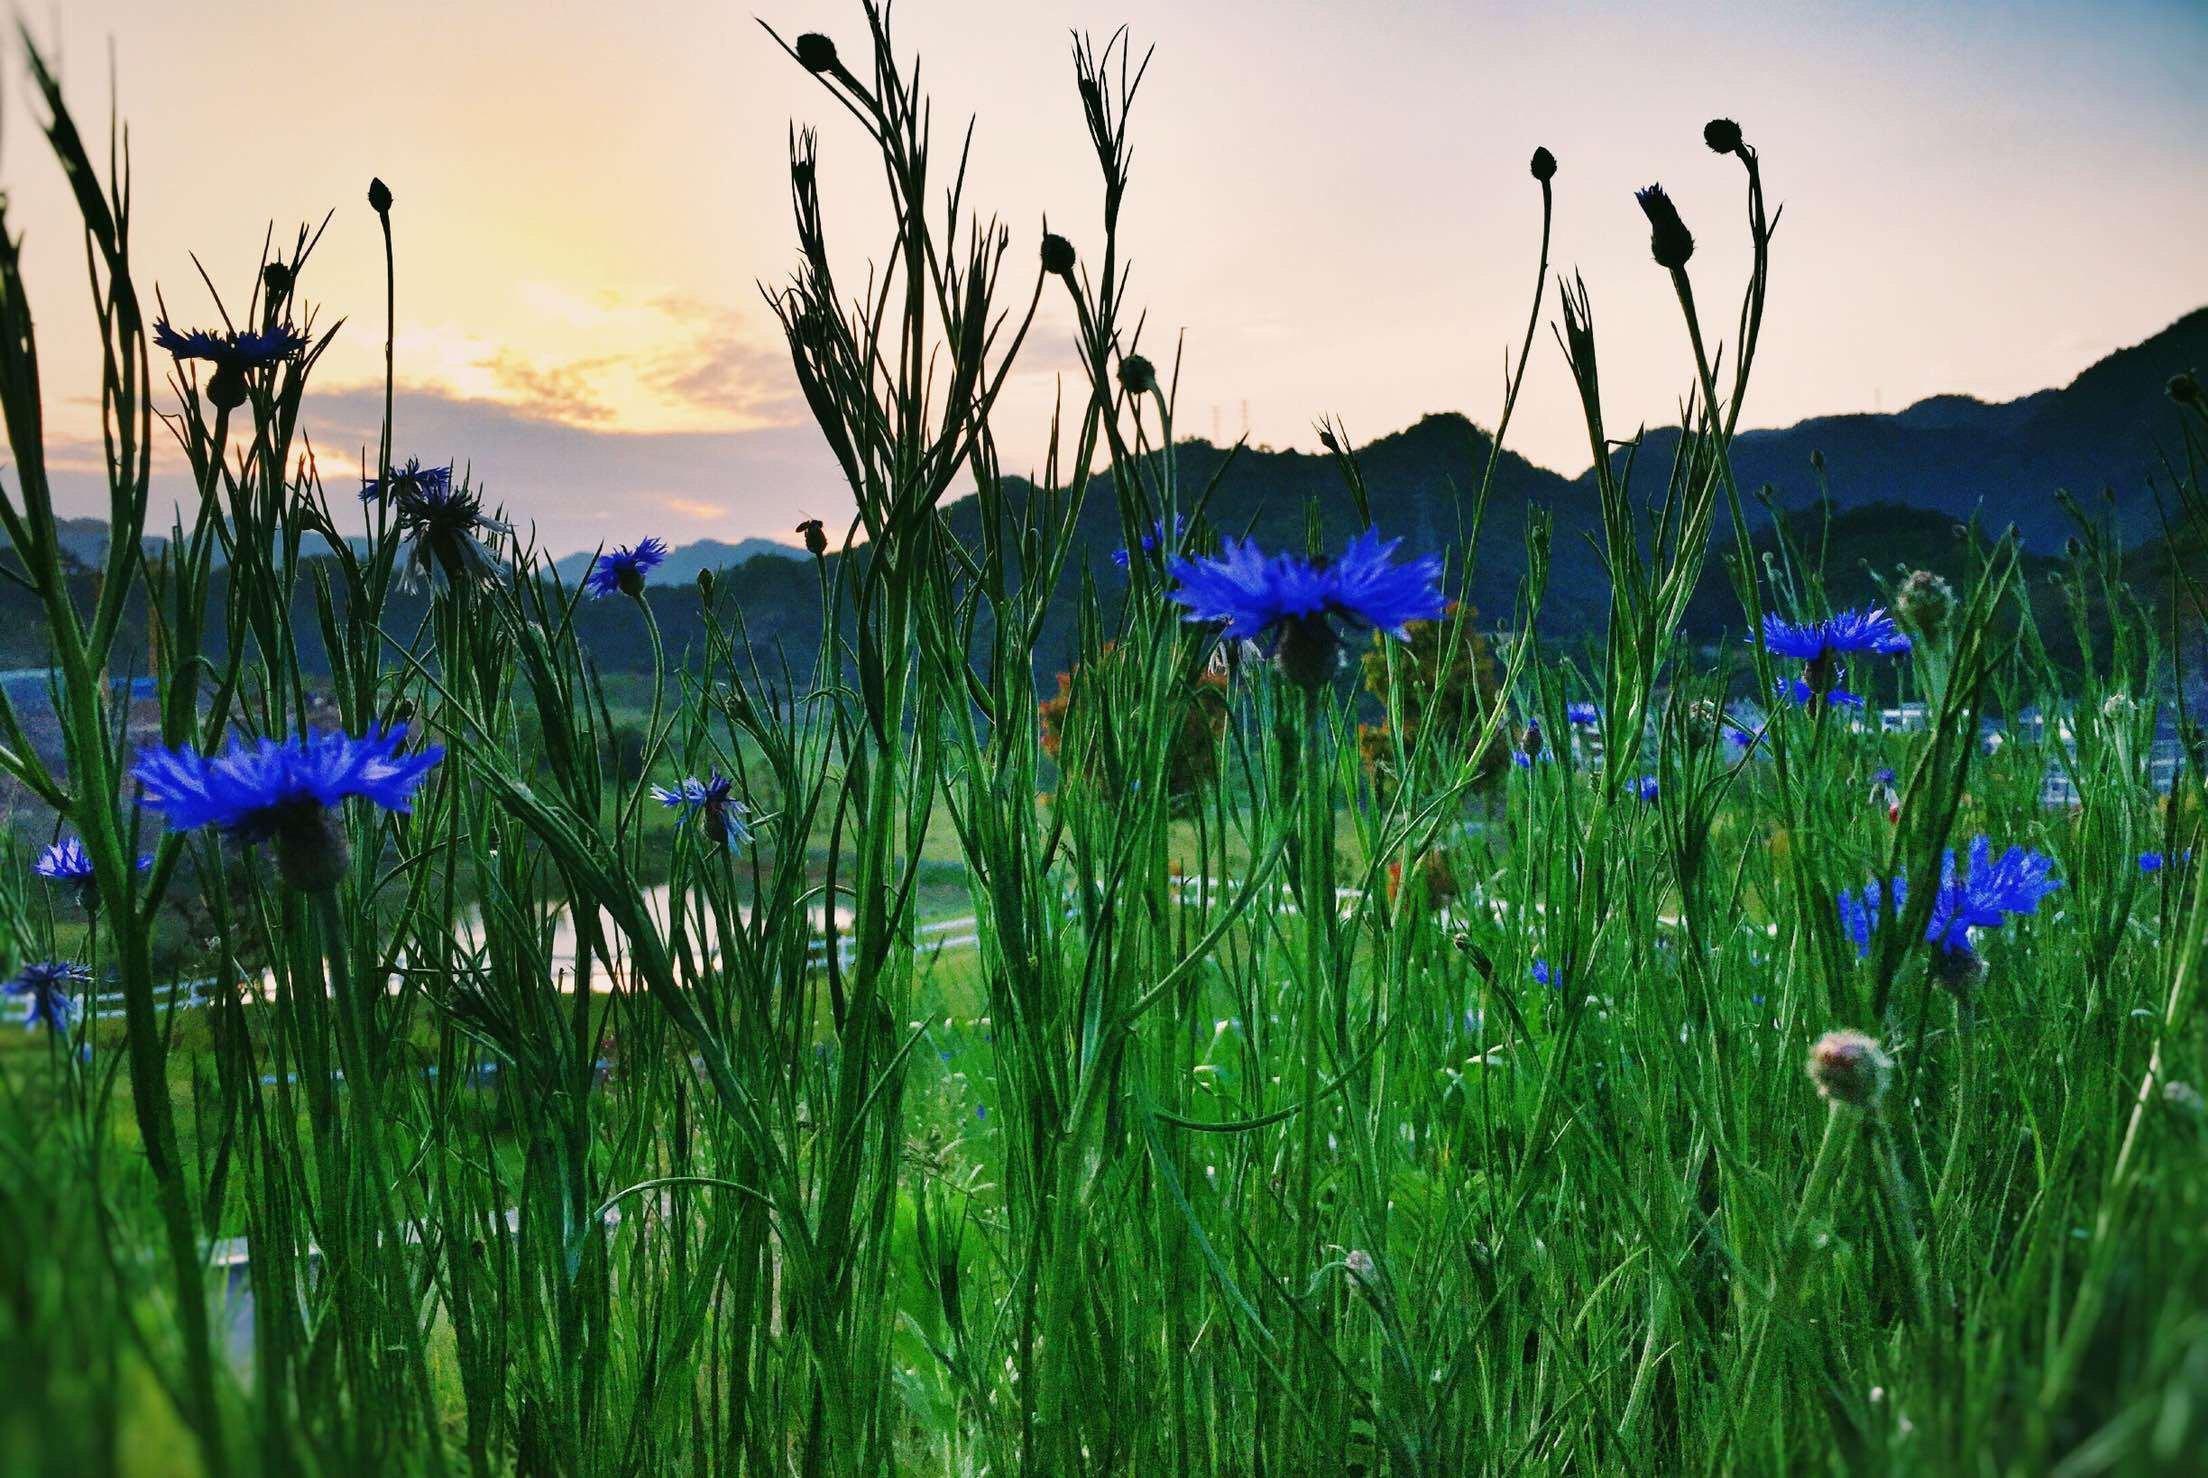 千岛湖/立夏 / 邀约阳光的灿烂给春天一个饯行